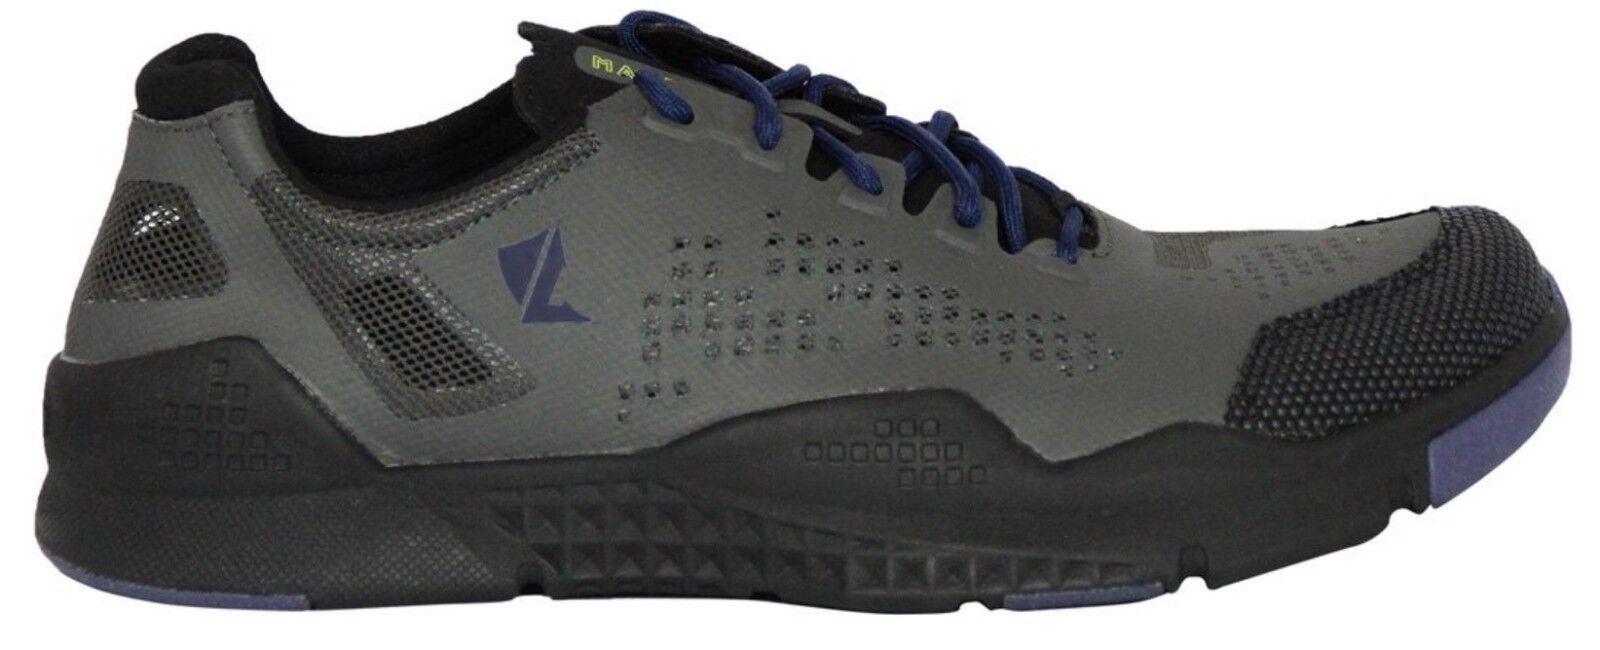 Lalo 1BU102 MBK para hombre Grinder Maximus Negro BUD S zapatos atléticos de entrenamiento de agilidad